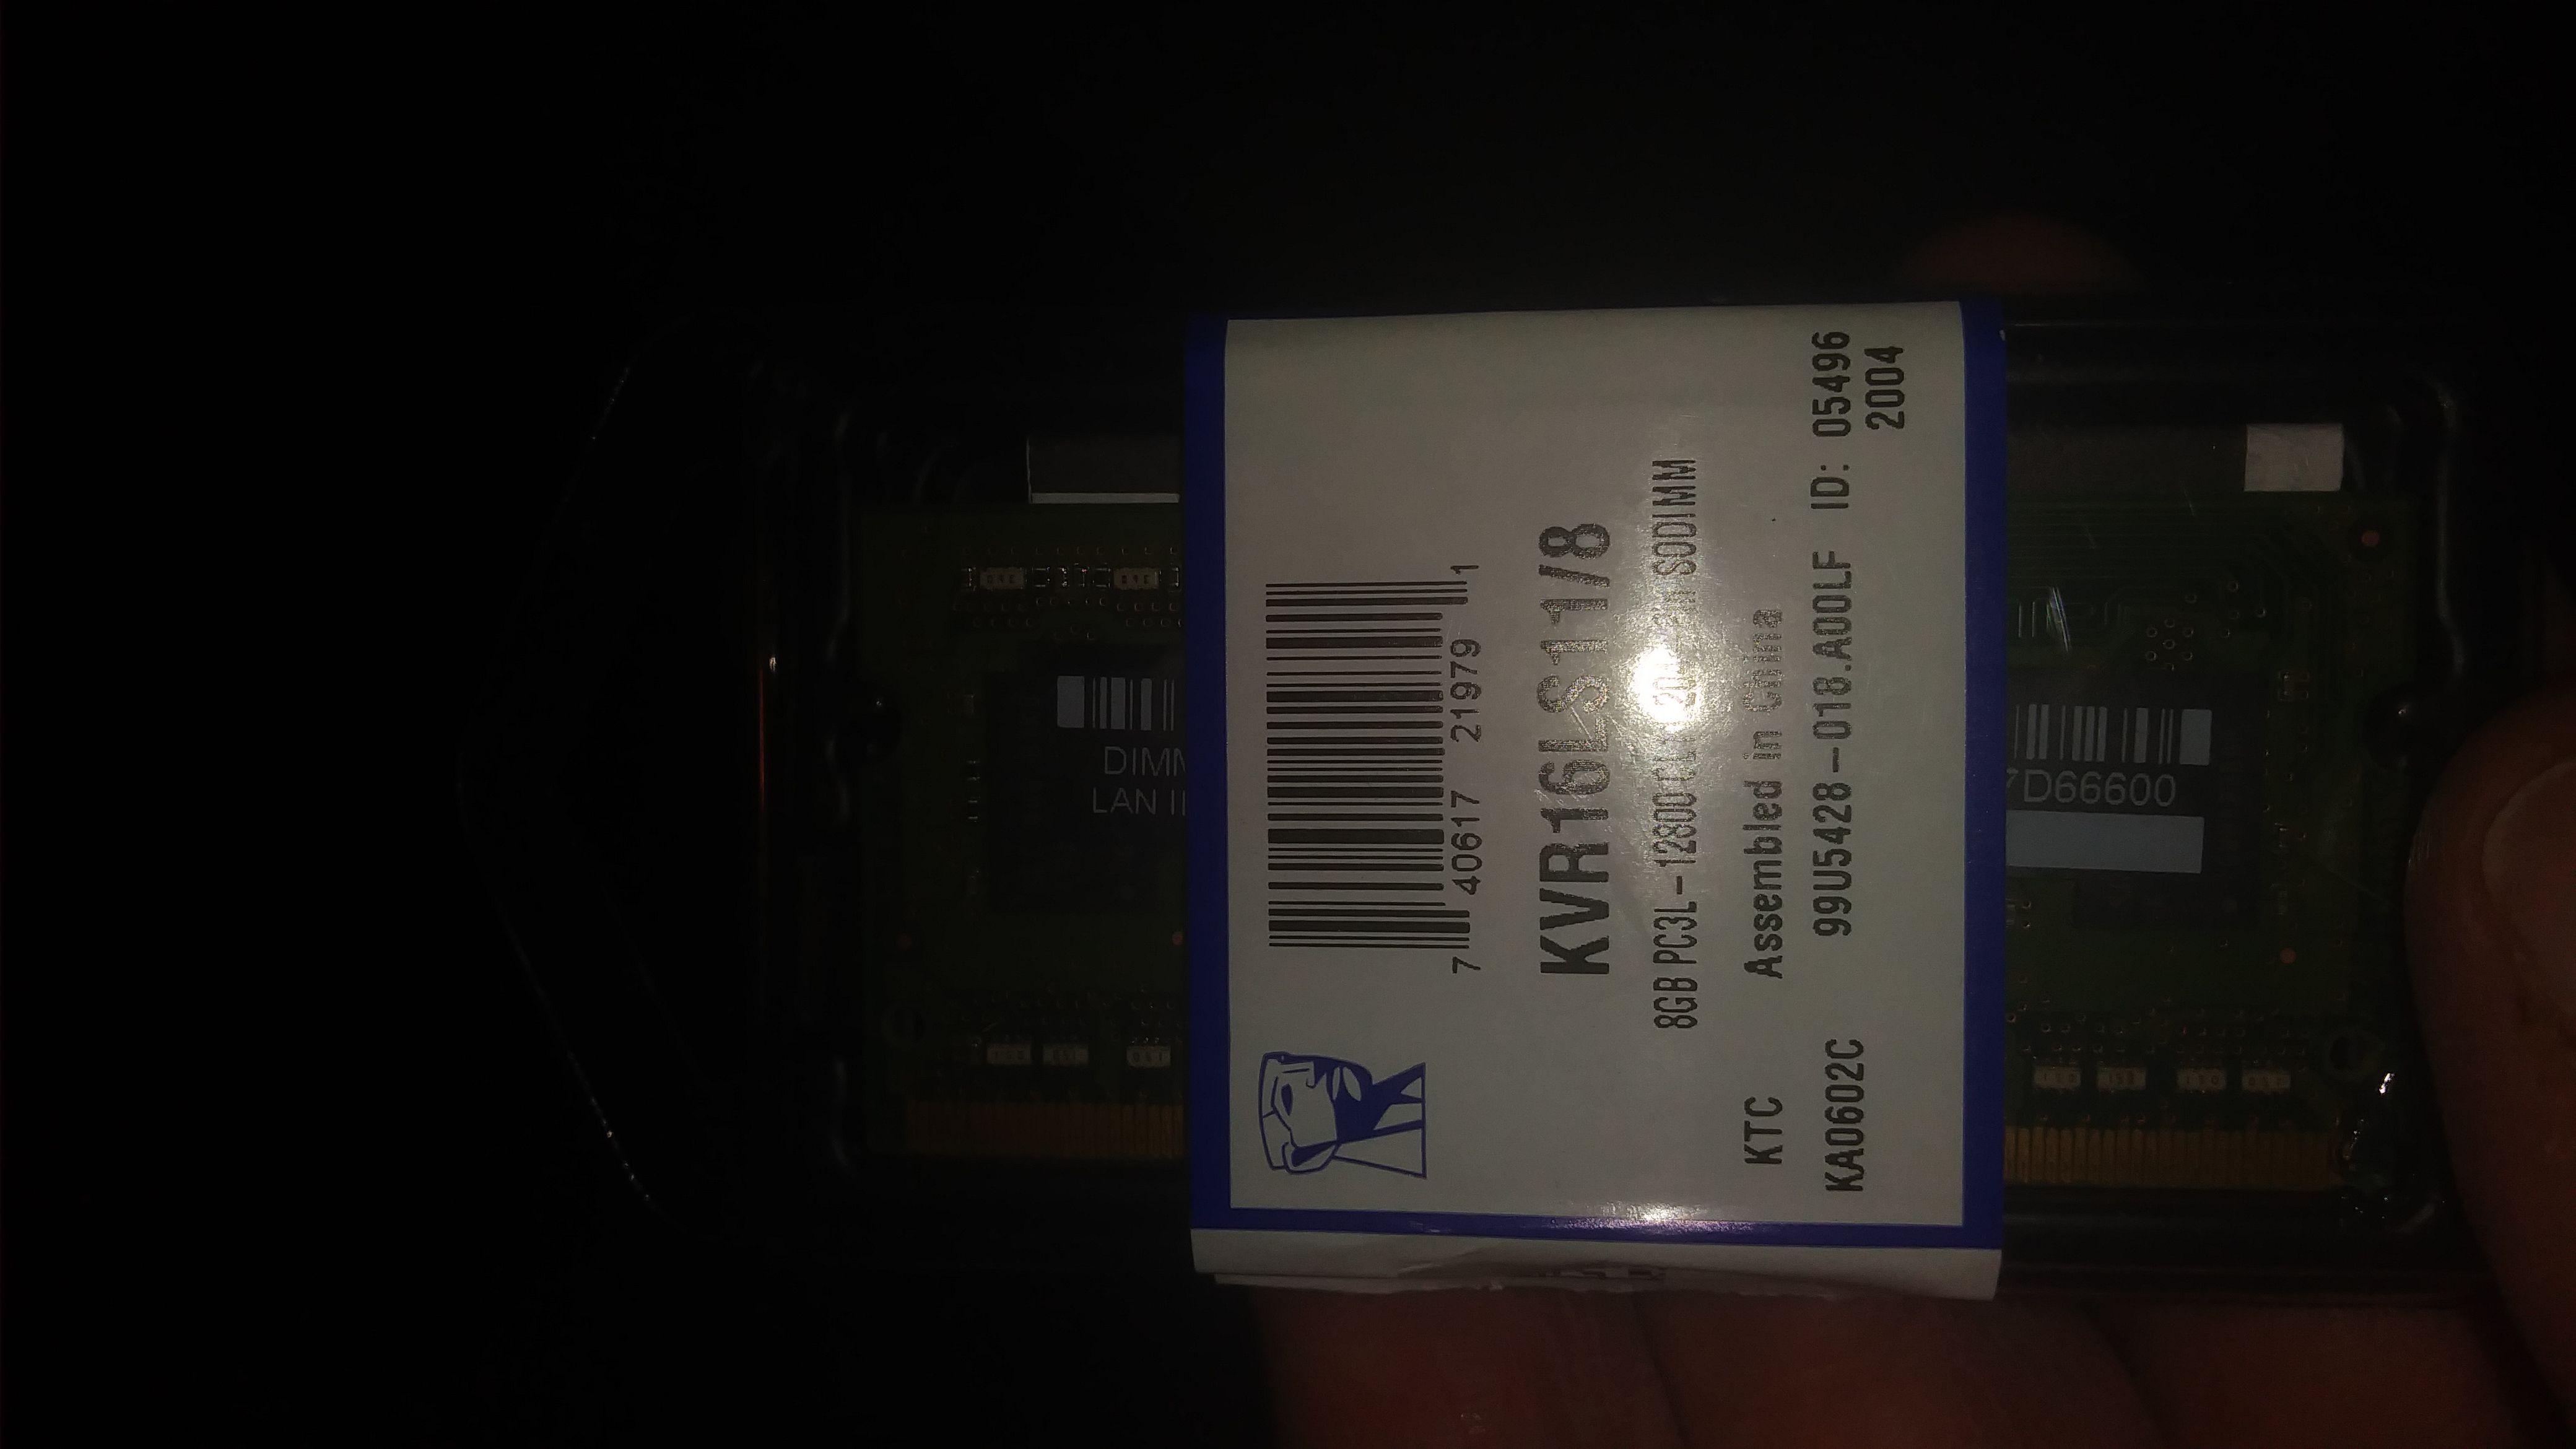 8GB 1600MHz DDR3L Non-ECC CL11 SODIMM 1.35V